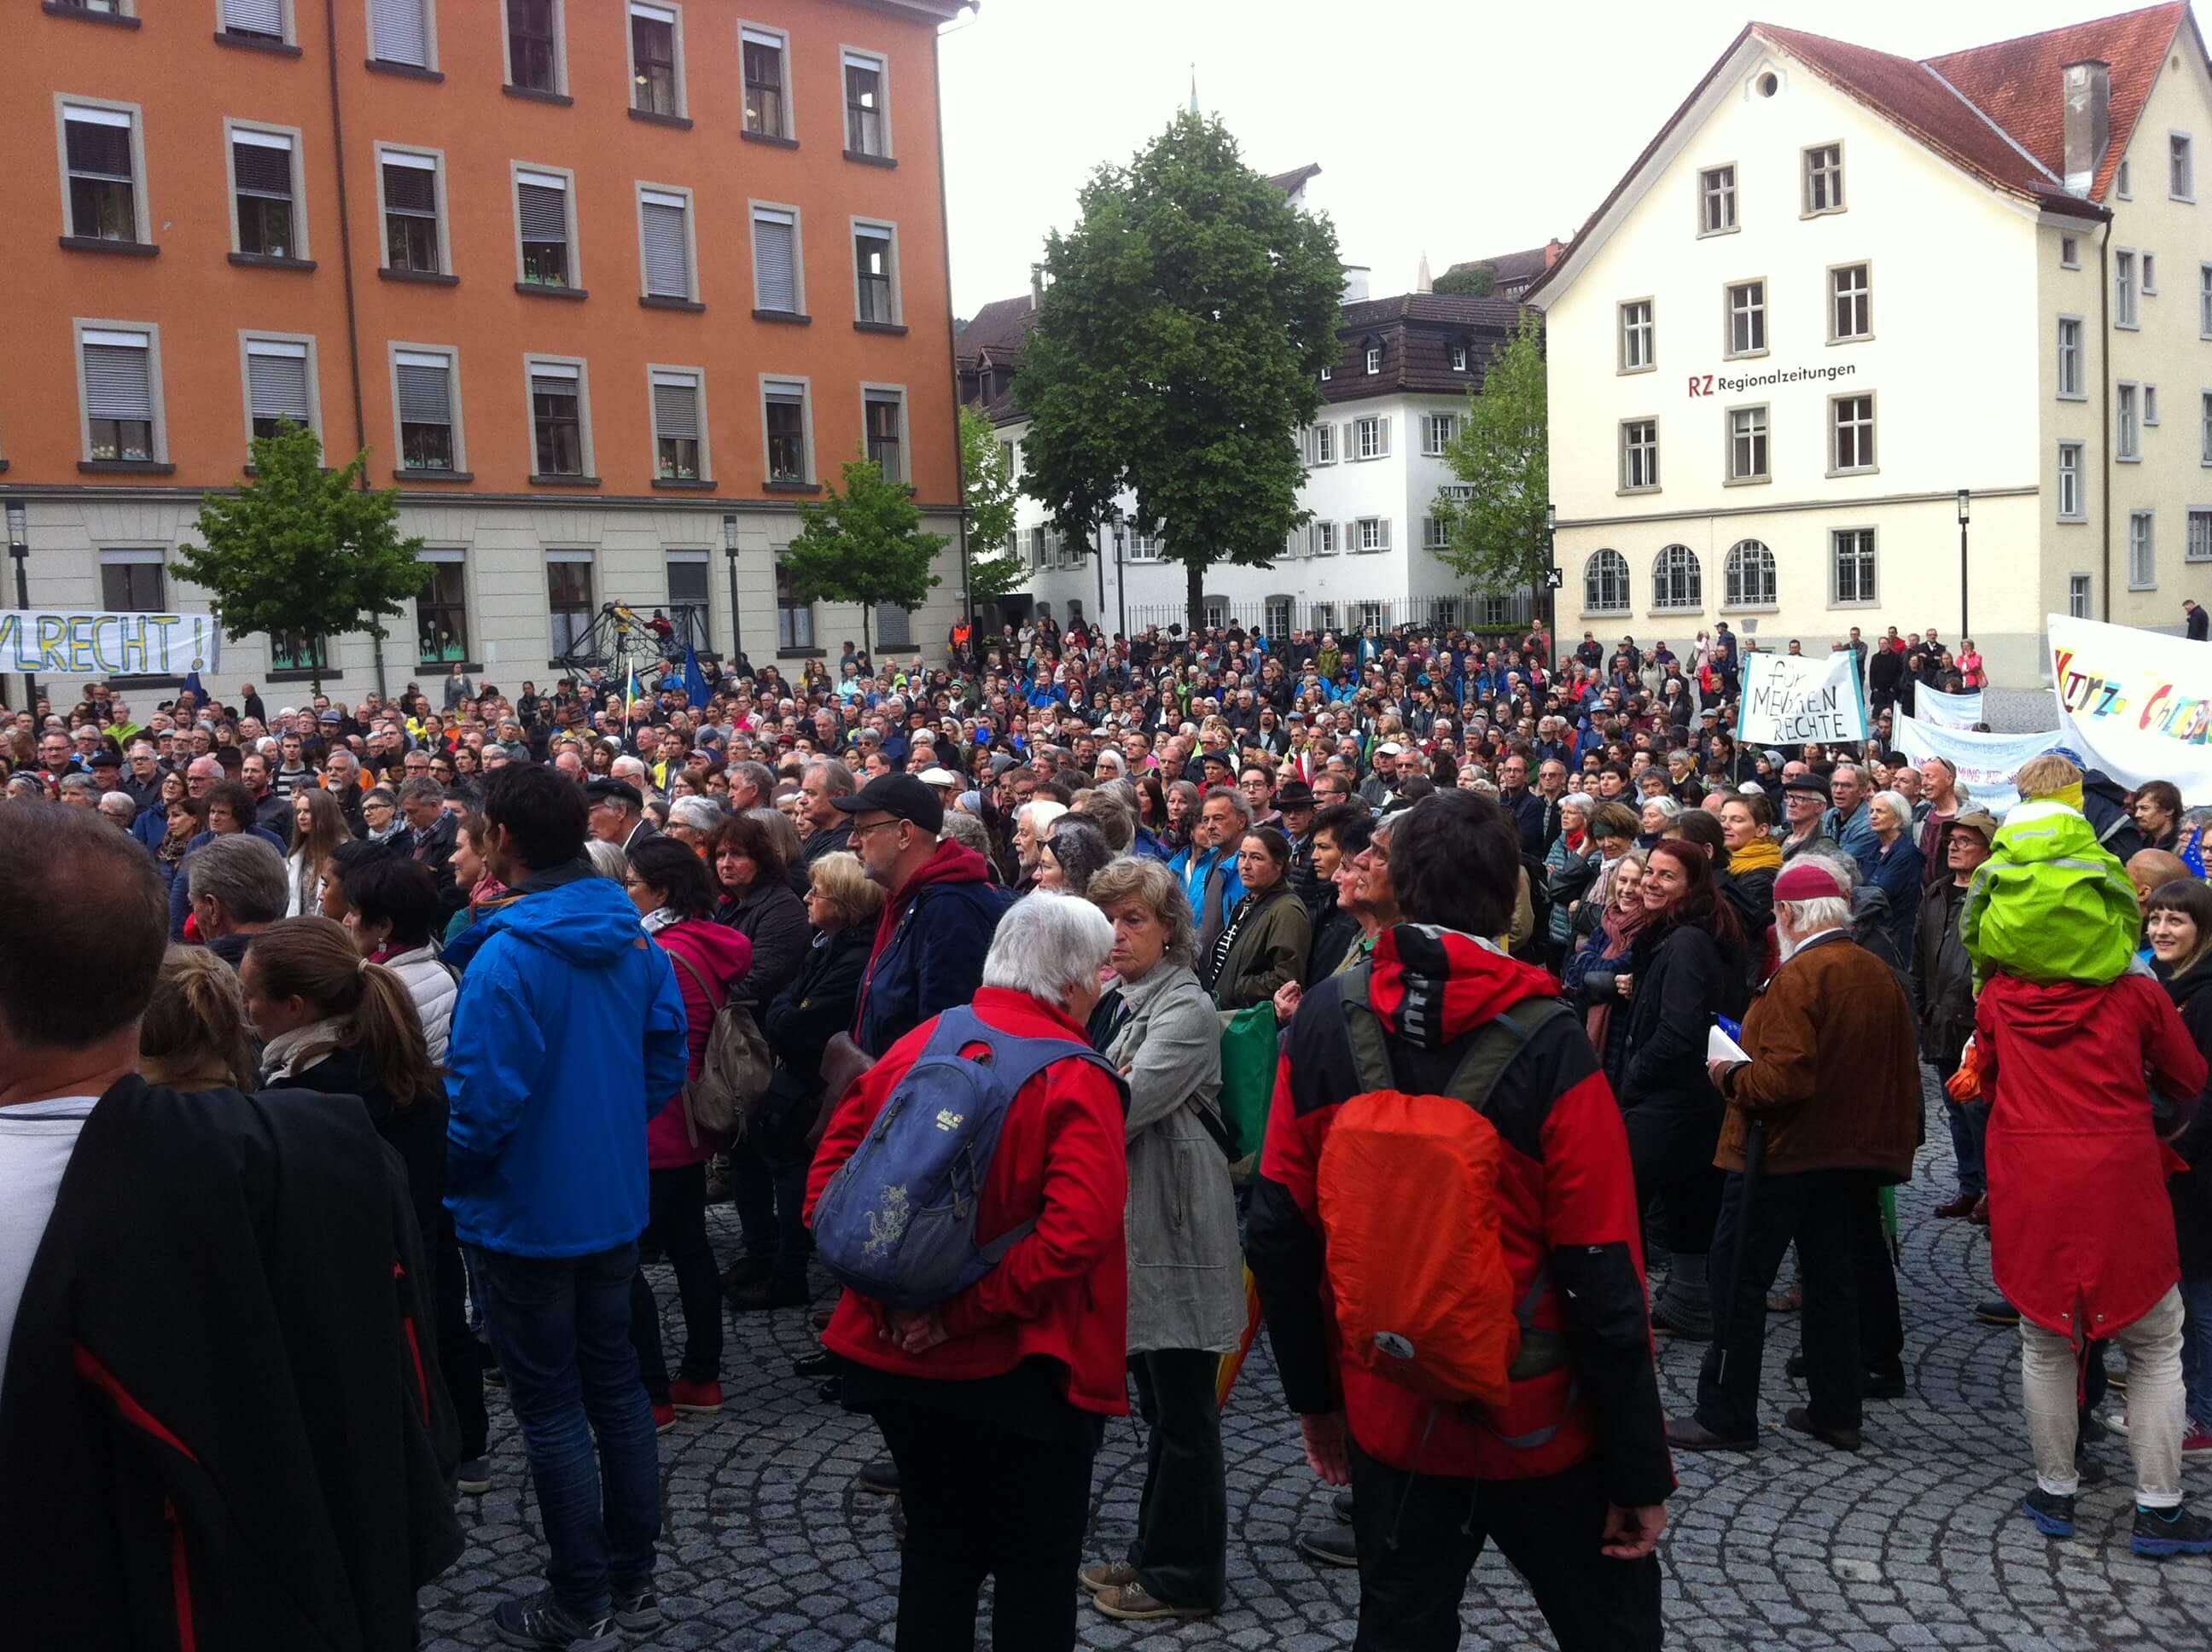 Ca. 900 Menschen stehen am Montfortplatz in Feldkirch. sie schauen Richtung Montforthaus. Manche halten Schilder und Banner in die Höhe.